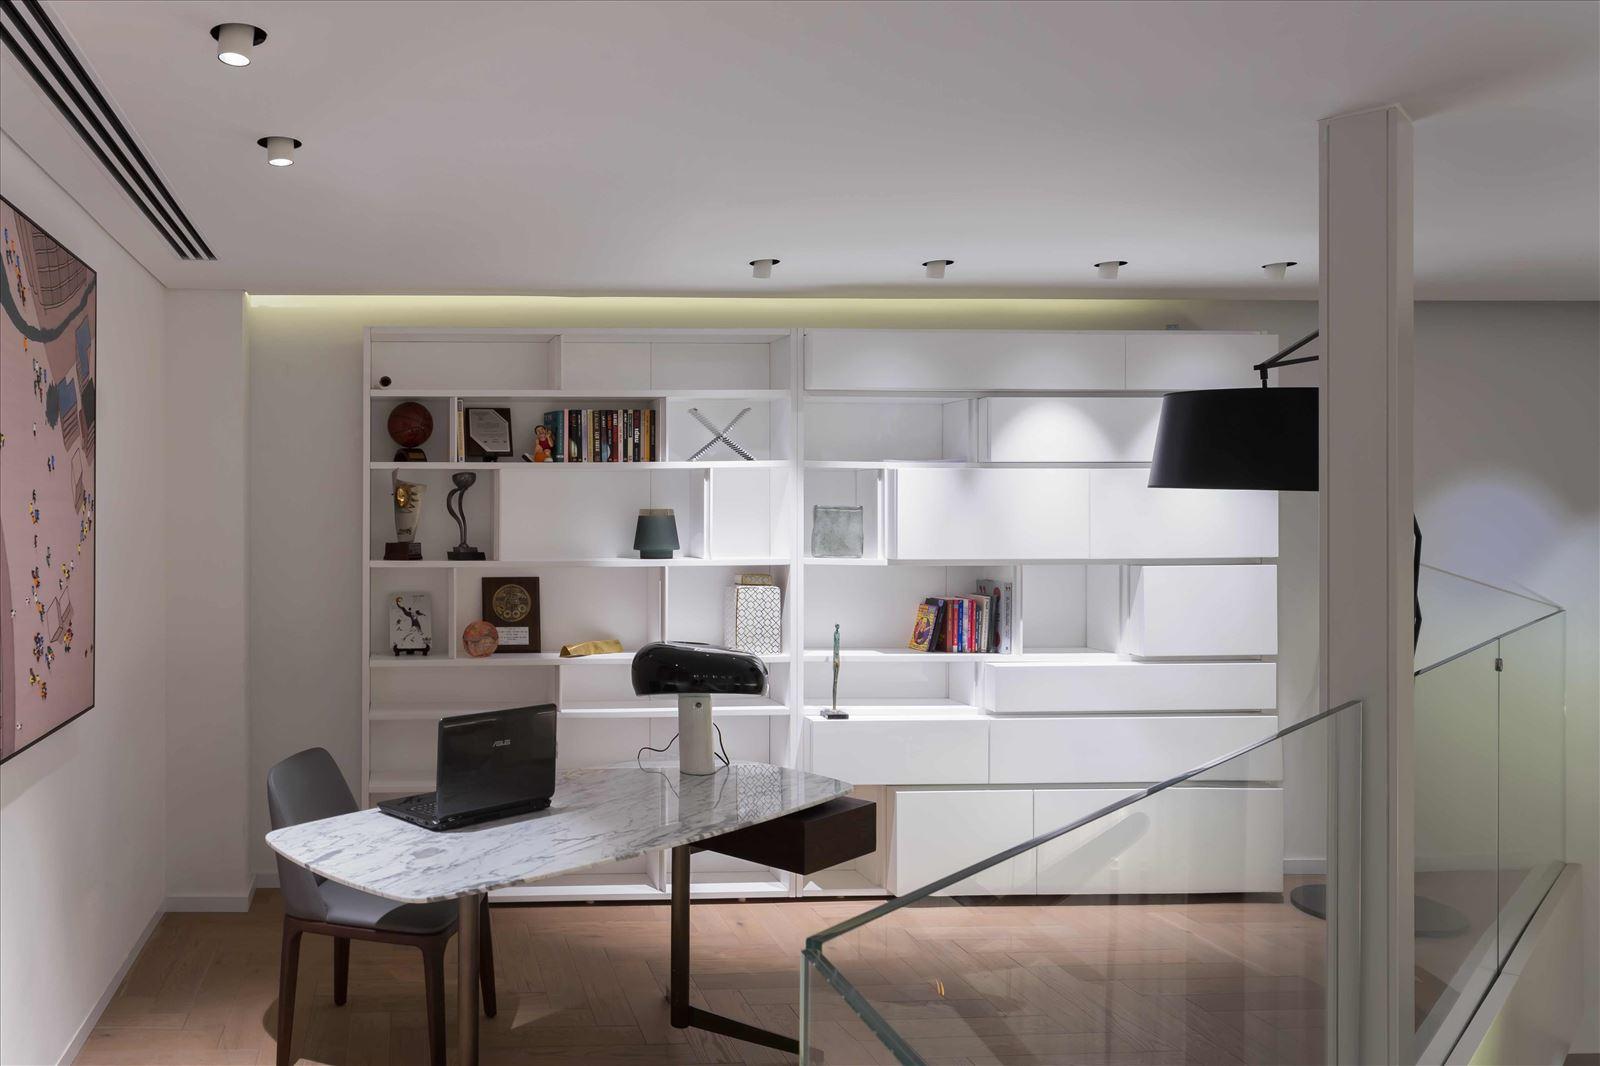 גופי תאורה שקועי תקרה בפרויקט תאורה בבית פרטי על ידי דורי קמחי